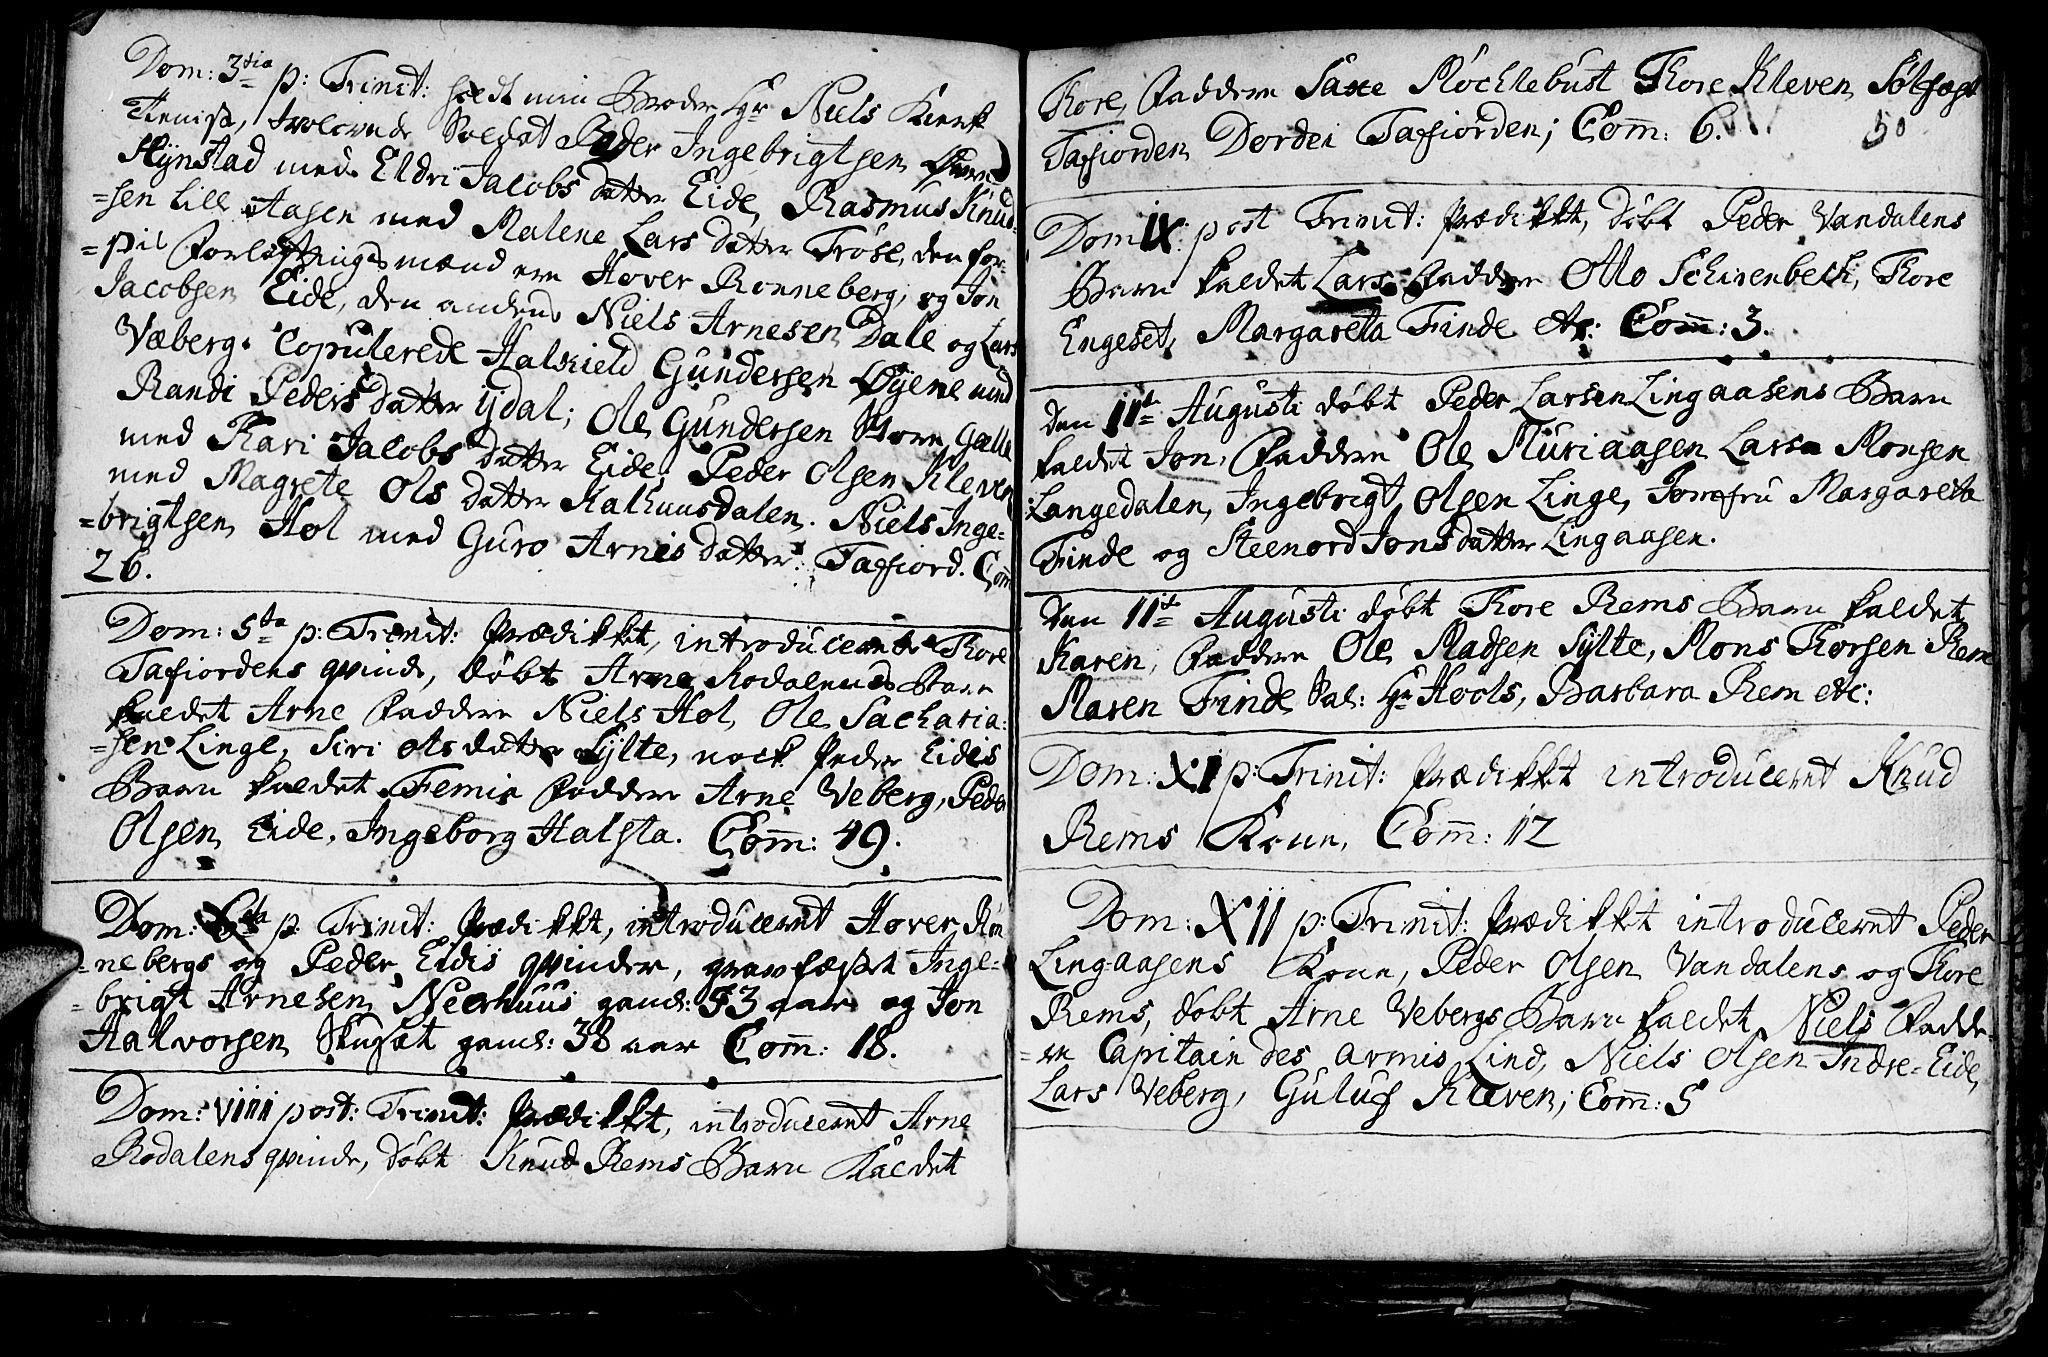 SAT, Ministerialprotokoller, klokkerbøker og fødselsregistre - Møre og Romsdal, 519/L0240: Ministerialbok nr. 519A01 /1, 1736-1760, s. 50